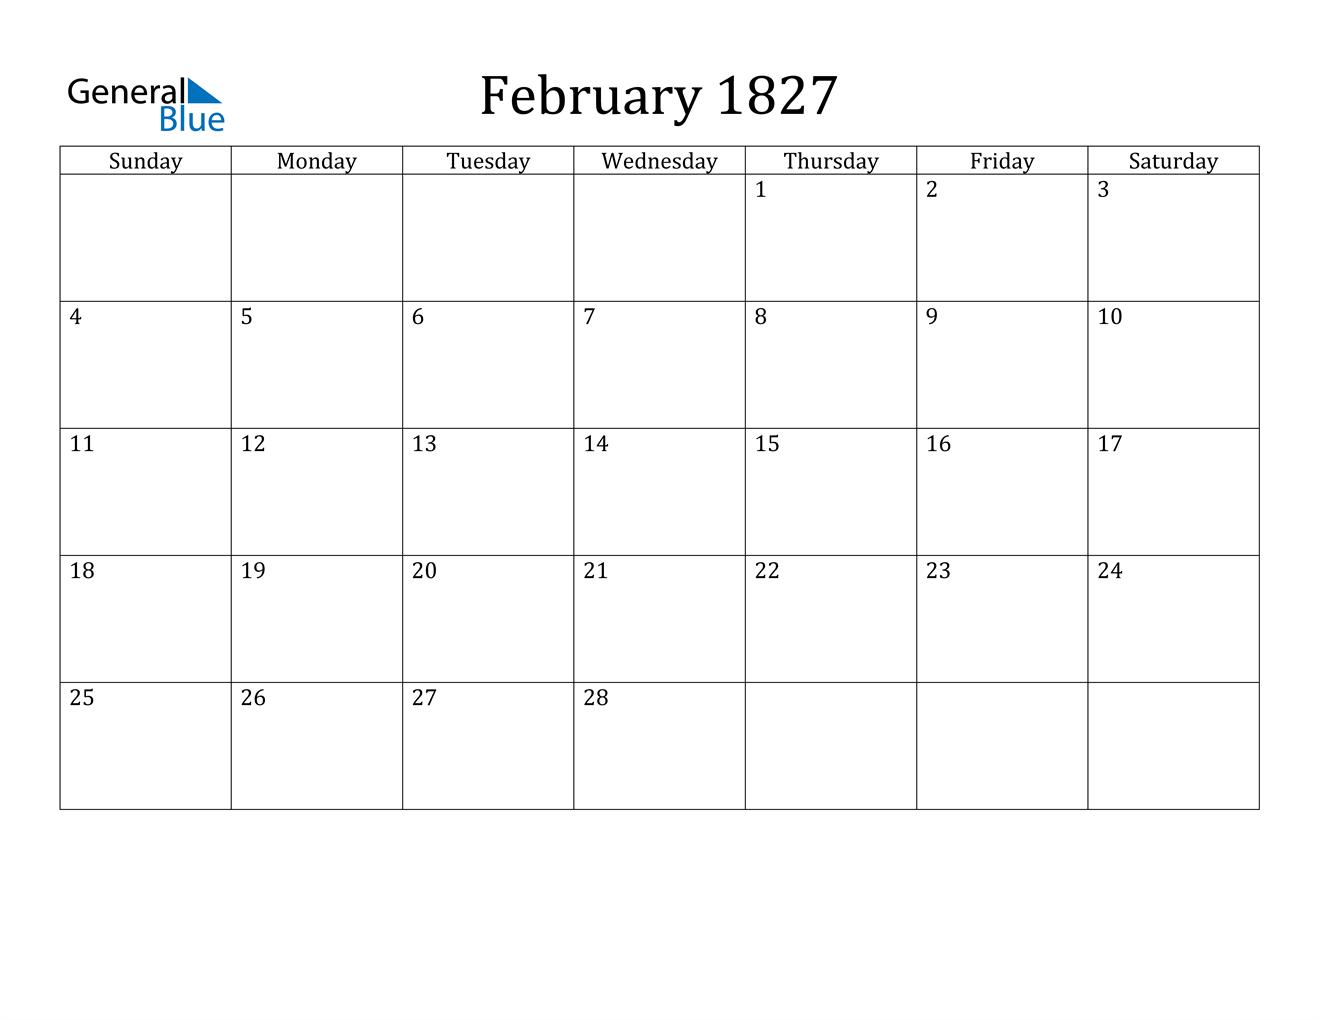 Image of February 1827 Calendar